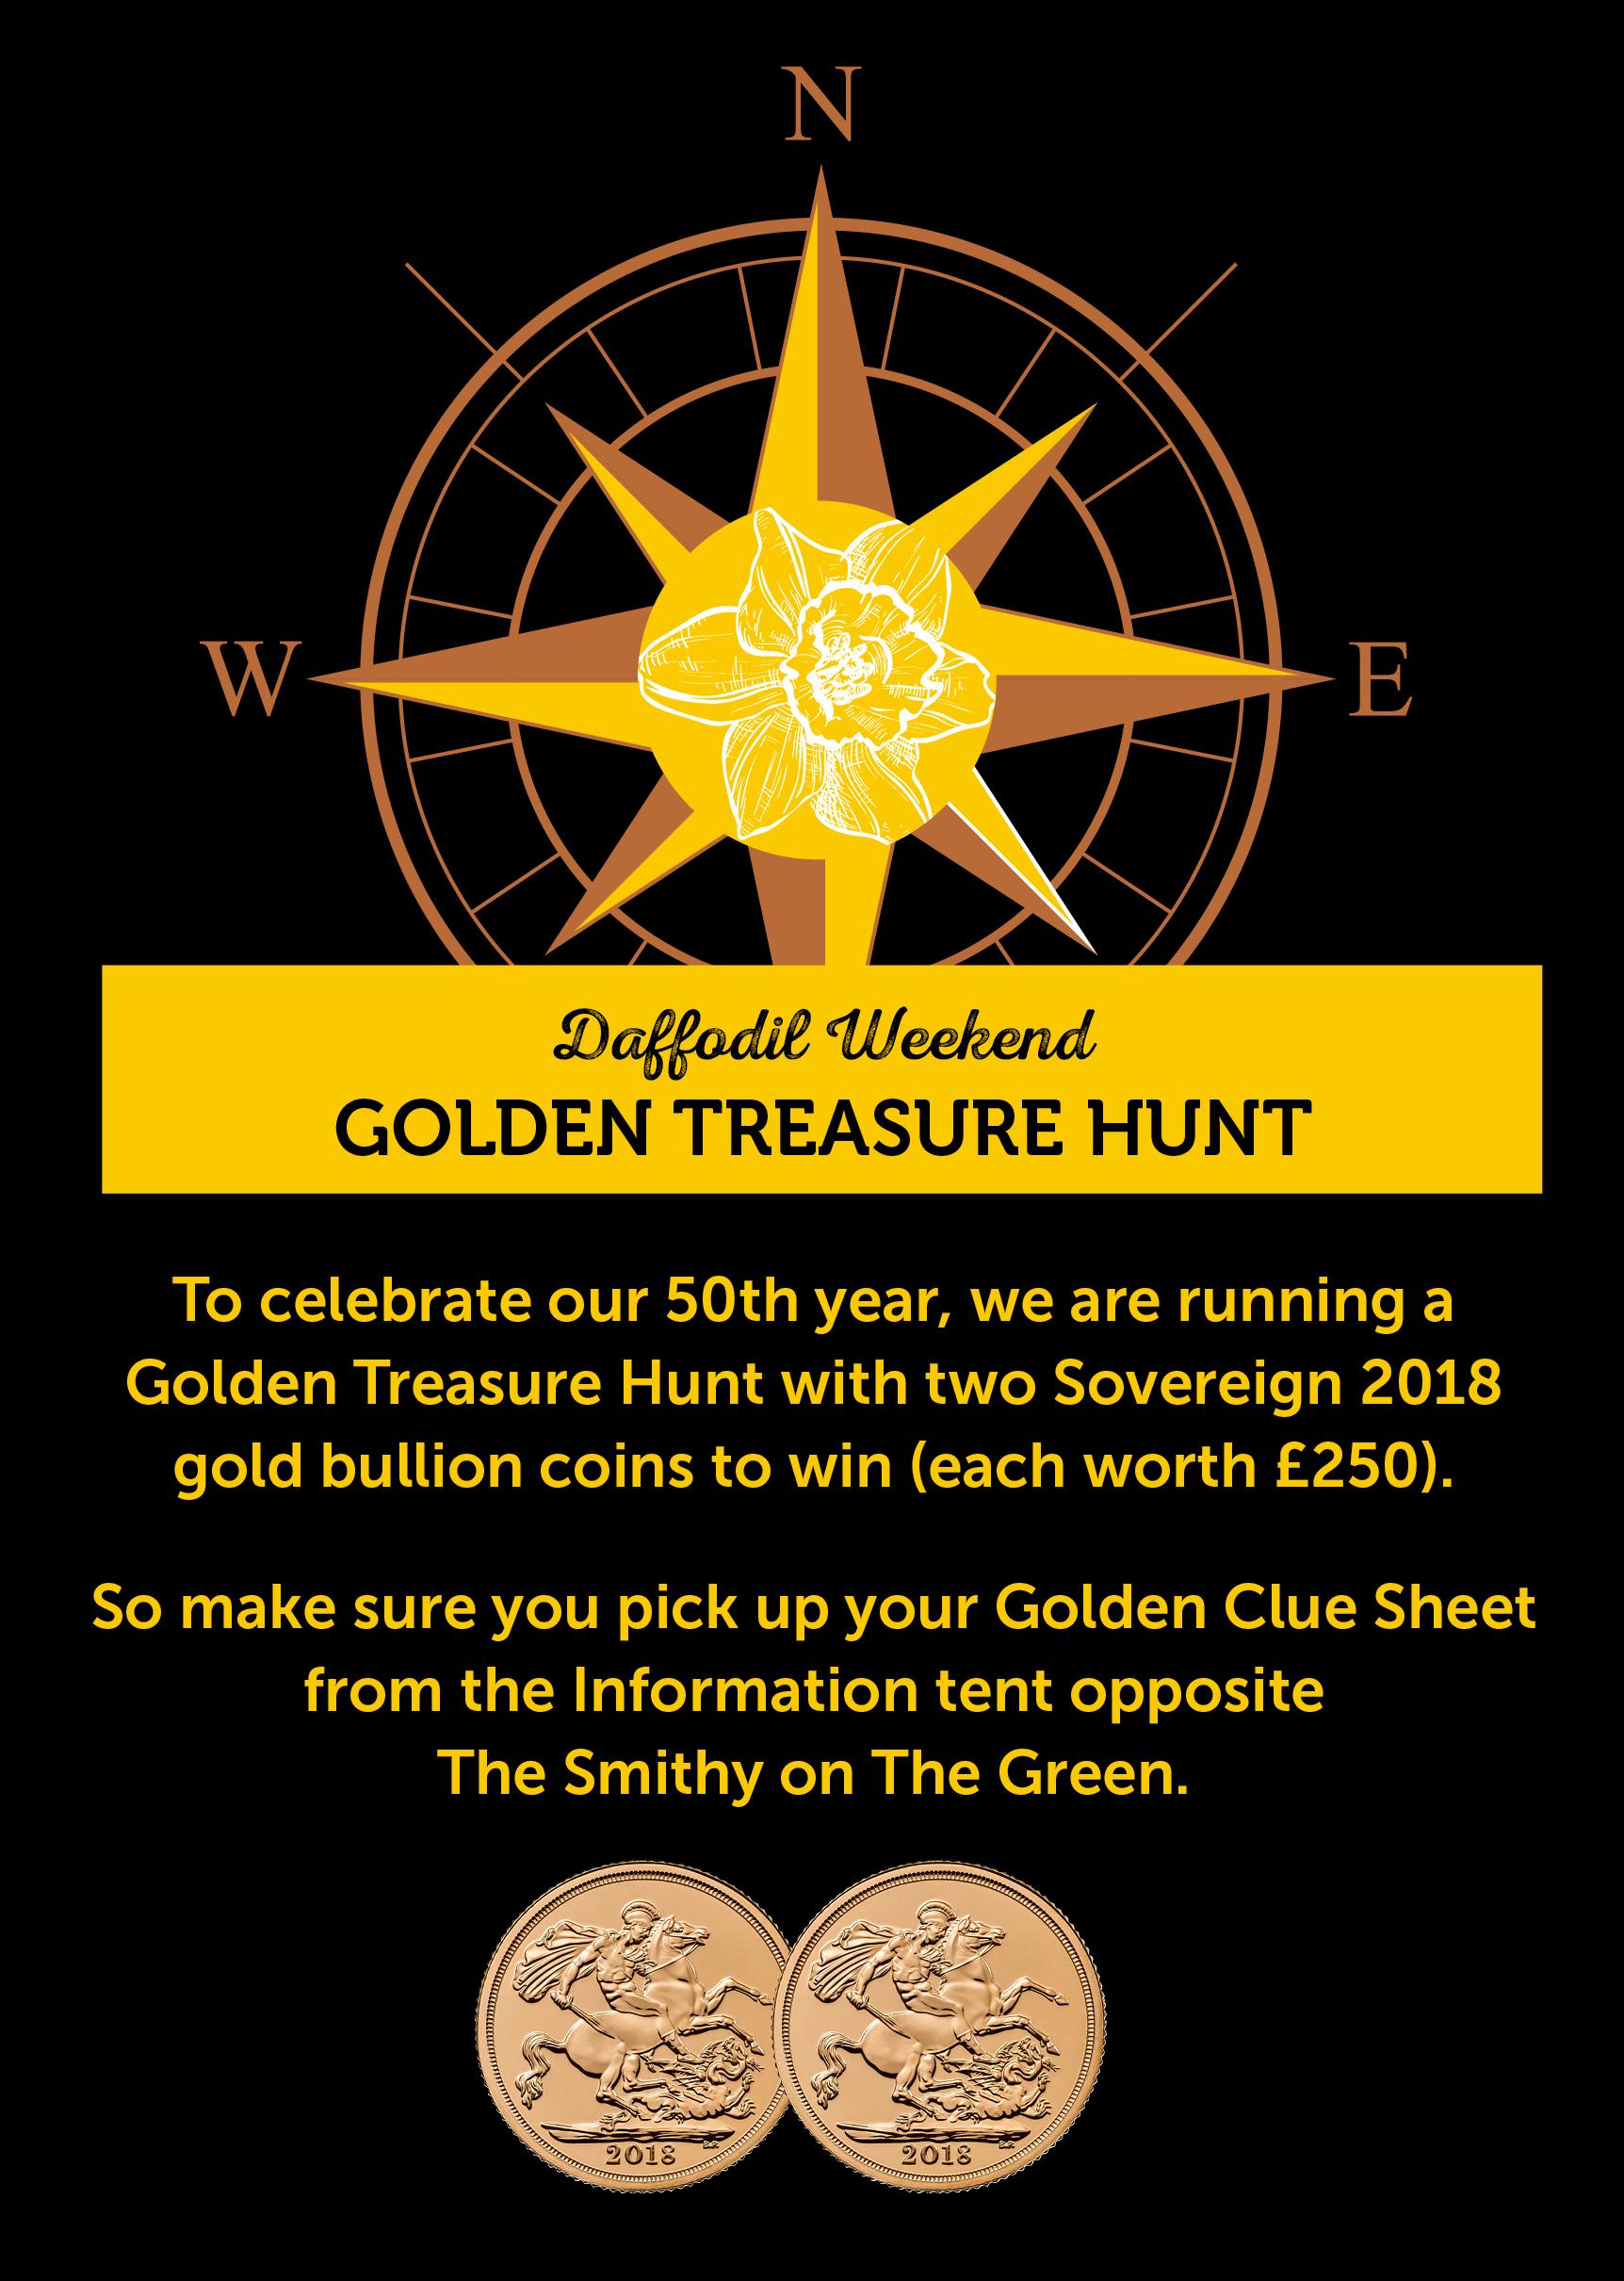 Golden treasure hunt.jpg